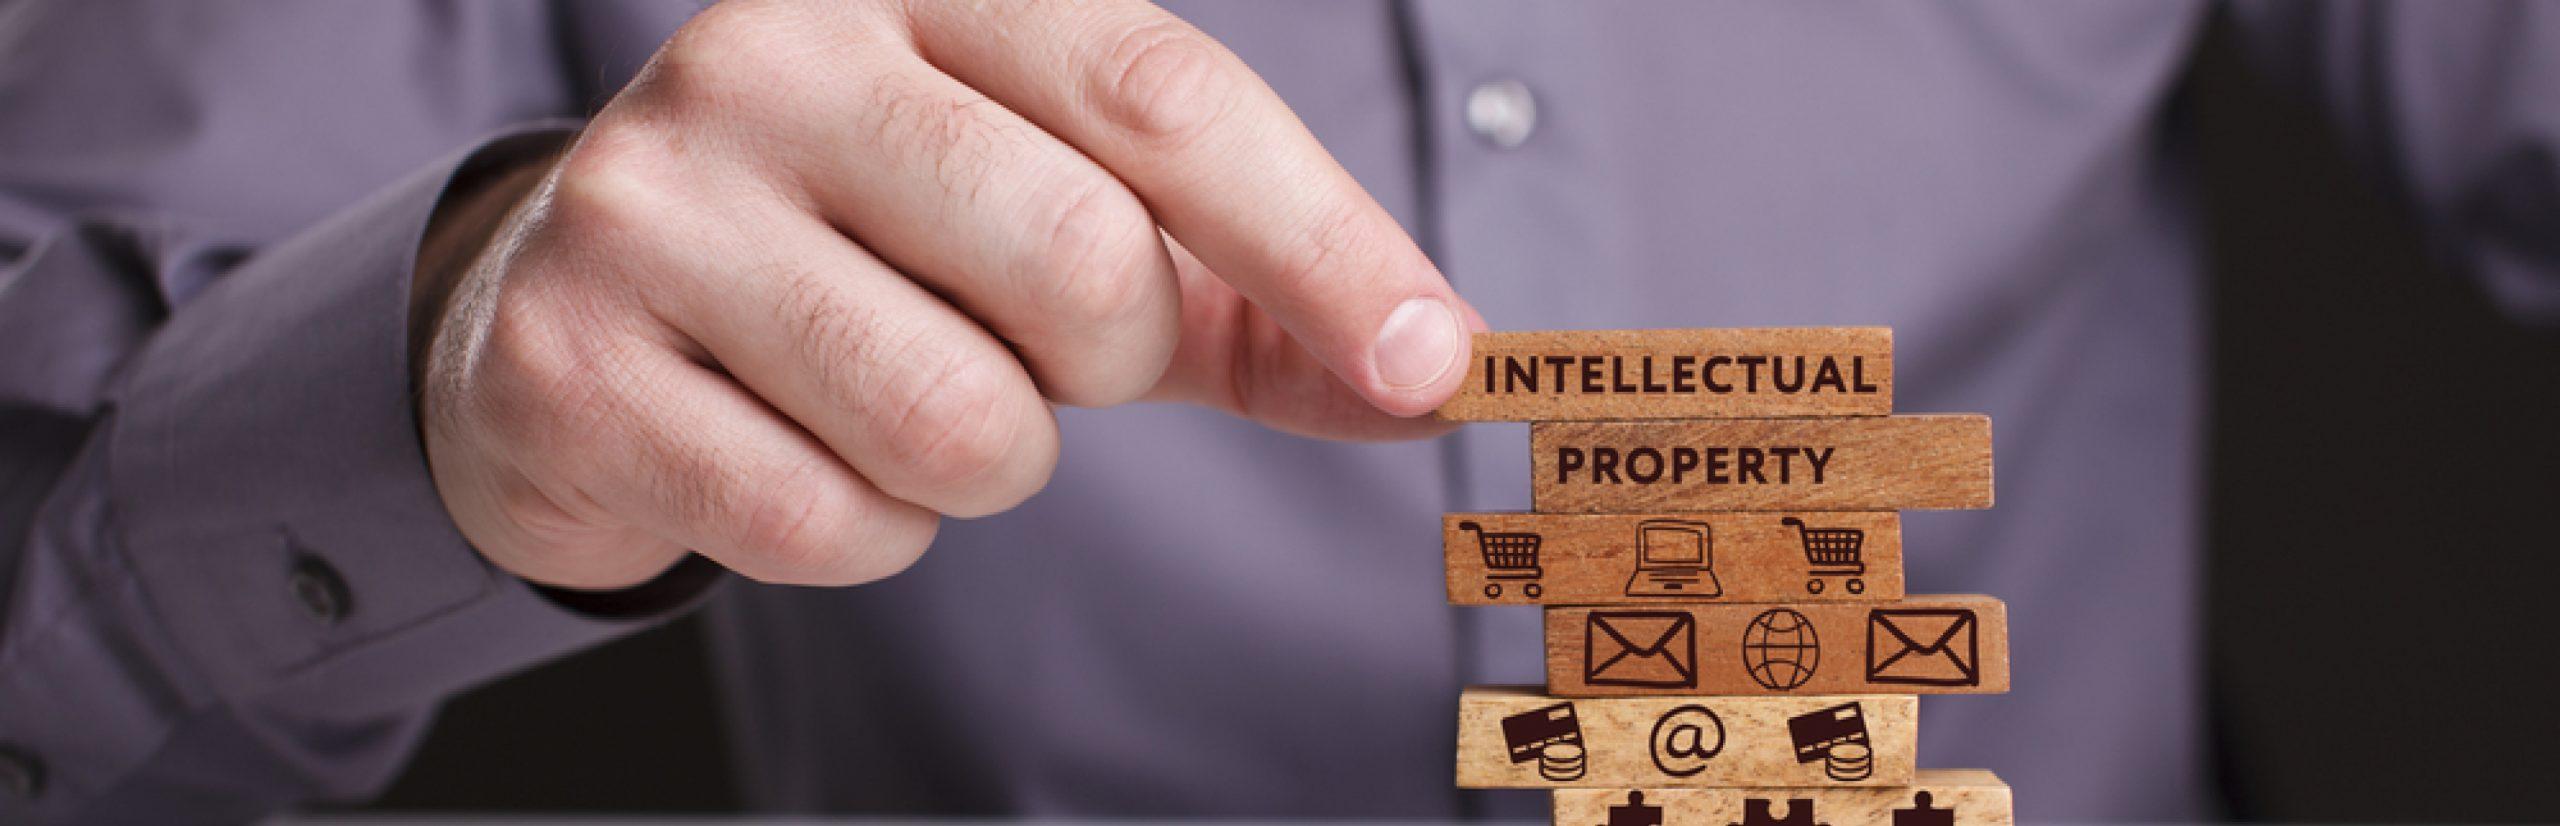 Интеллектуальная собственность для ИТ компании